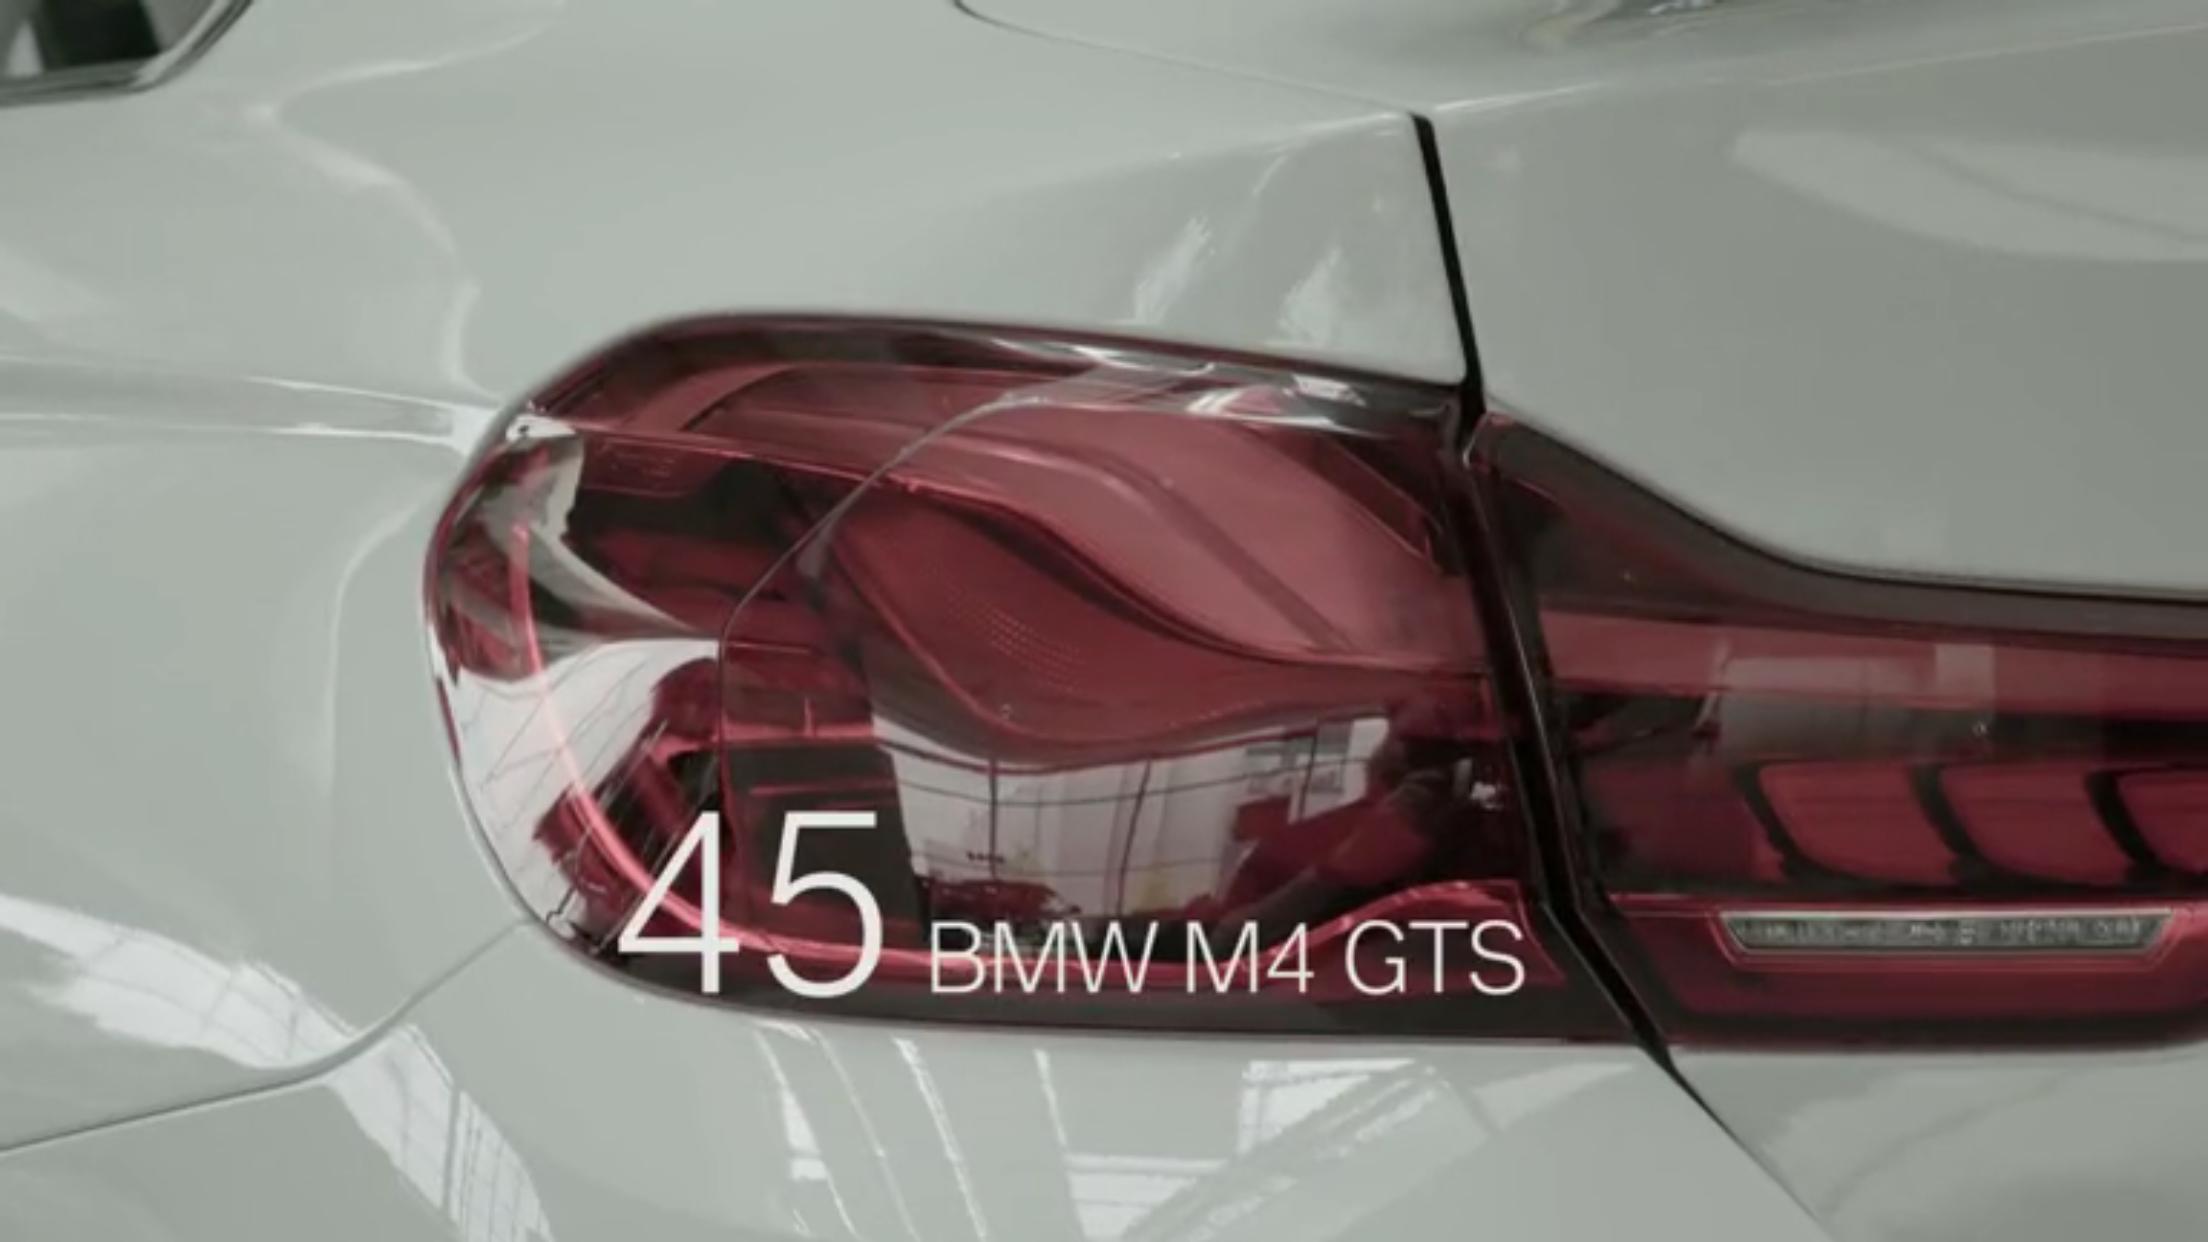 1日で45台の『BMW M4 GTS』納車式!オーナーの笑顔が印象的^^